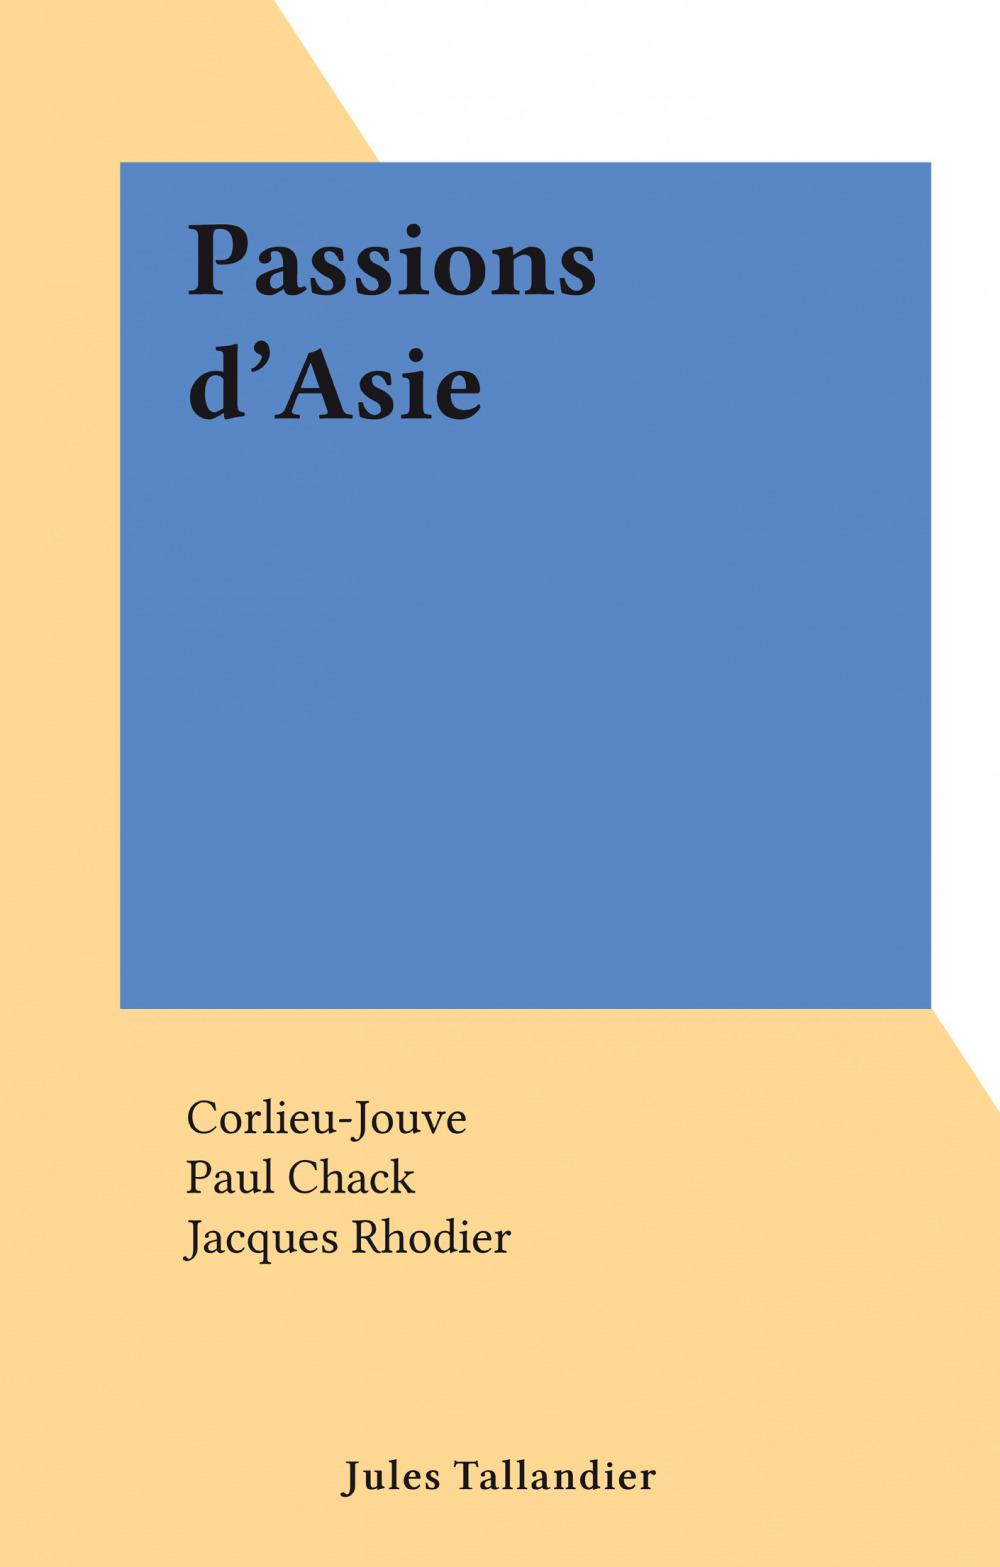 Passions d'Asie  - Corlieu-Jouve